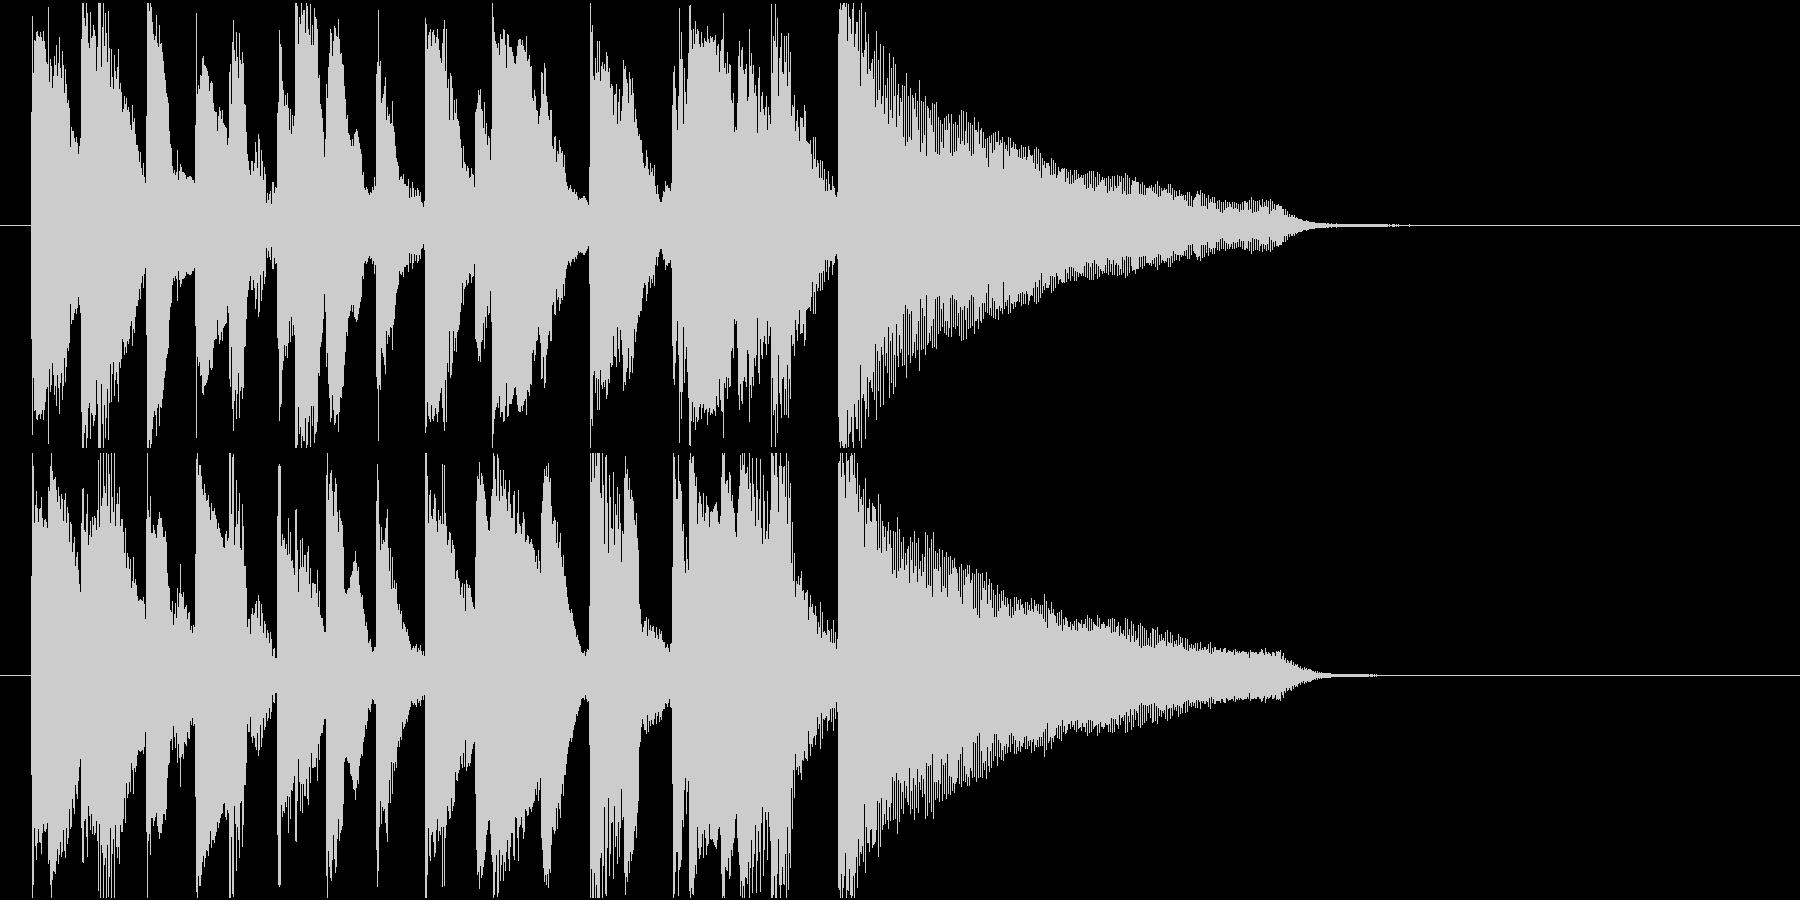 アイキャッチに使える10秒ピアノ・後半の未再生の波形